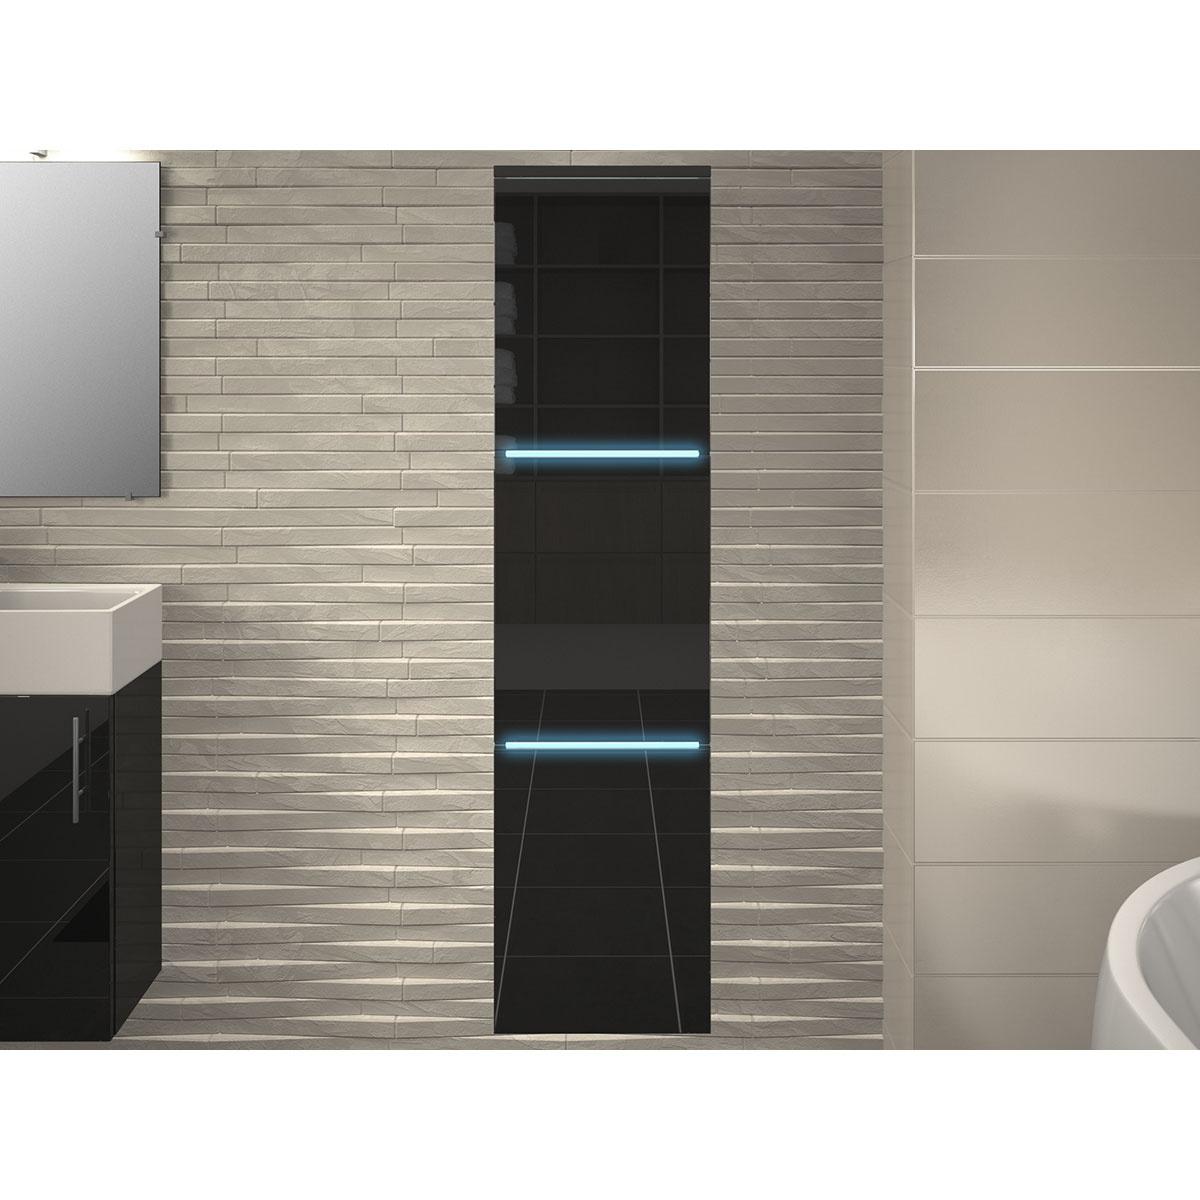 Colonne salle de bain 3 portes avec leds (Gris)